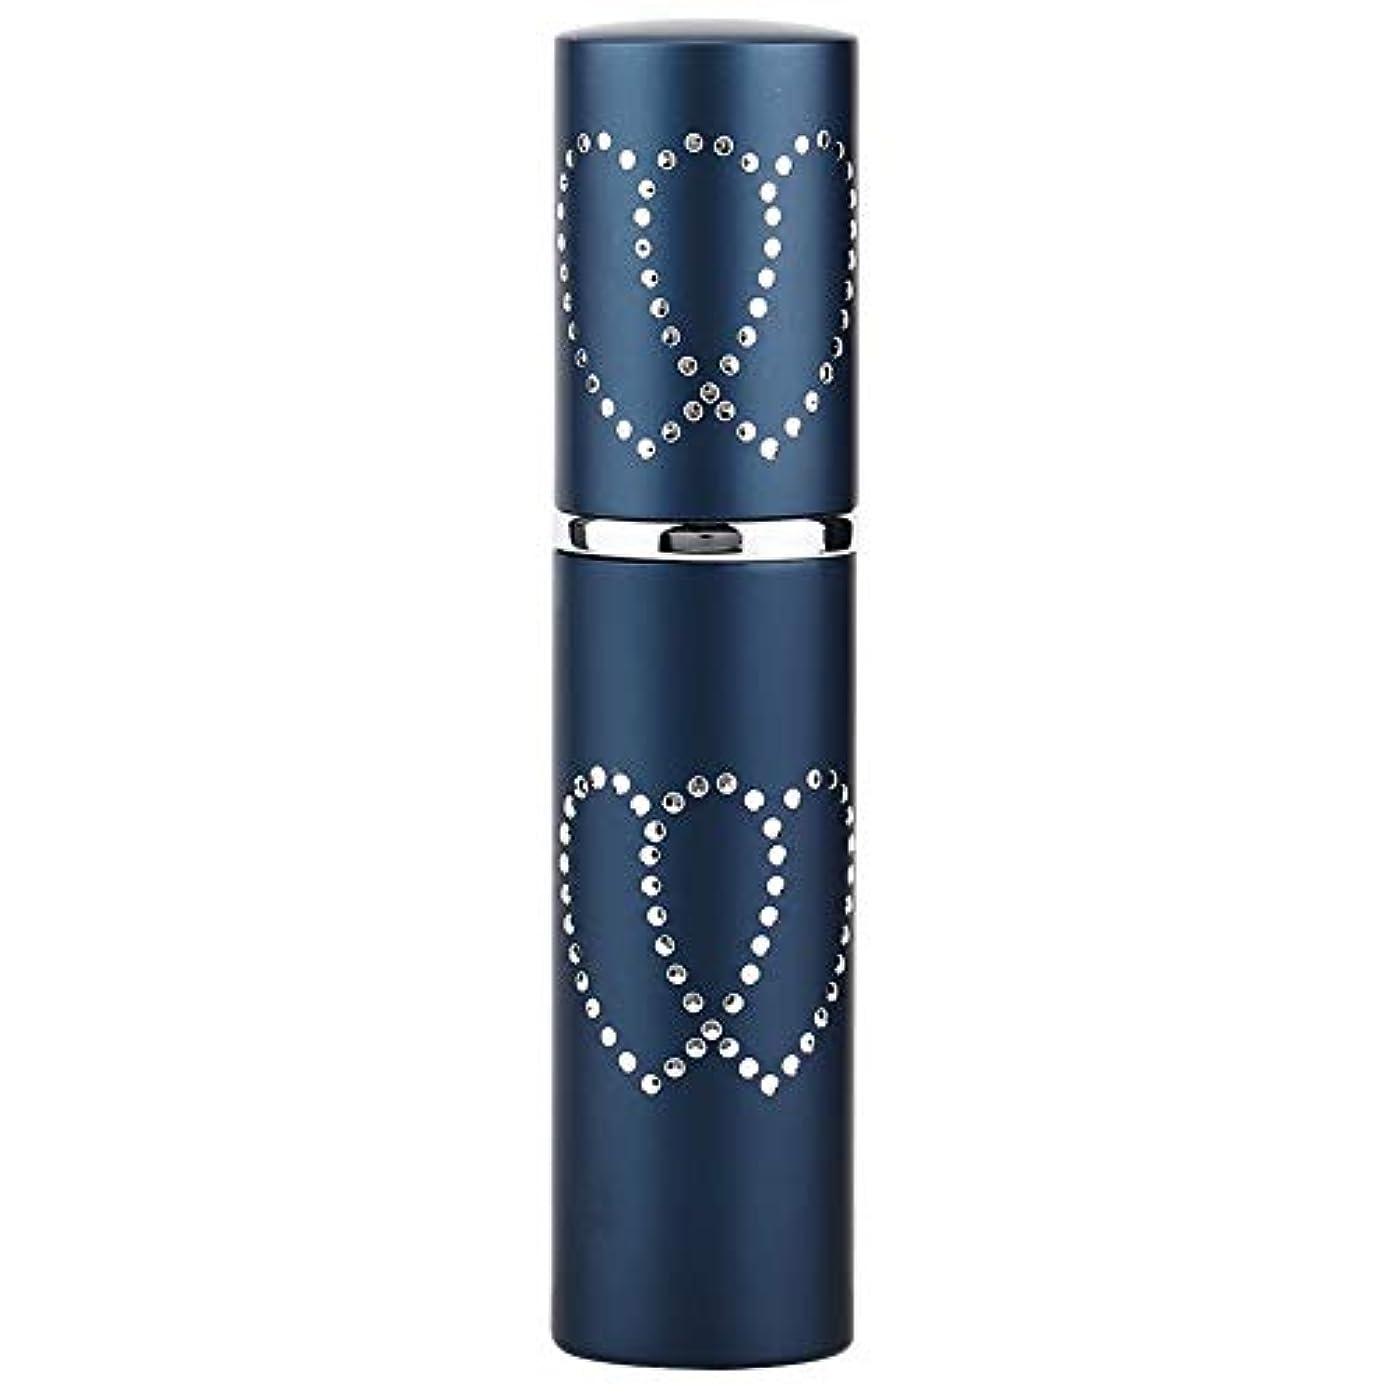 テーマ花婿マイコン2色10ml リムーバブル 詰め替え 空の香水瓶 香水スプレー アトマイザー(01)